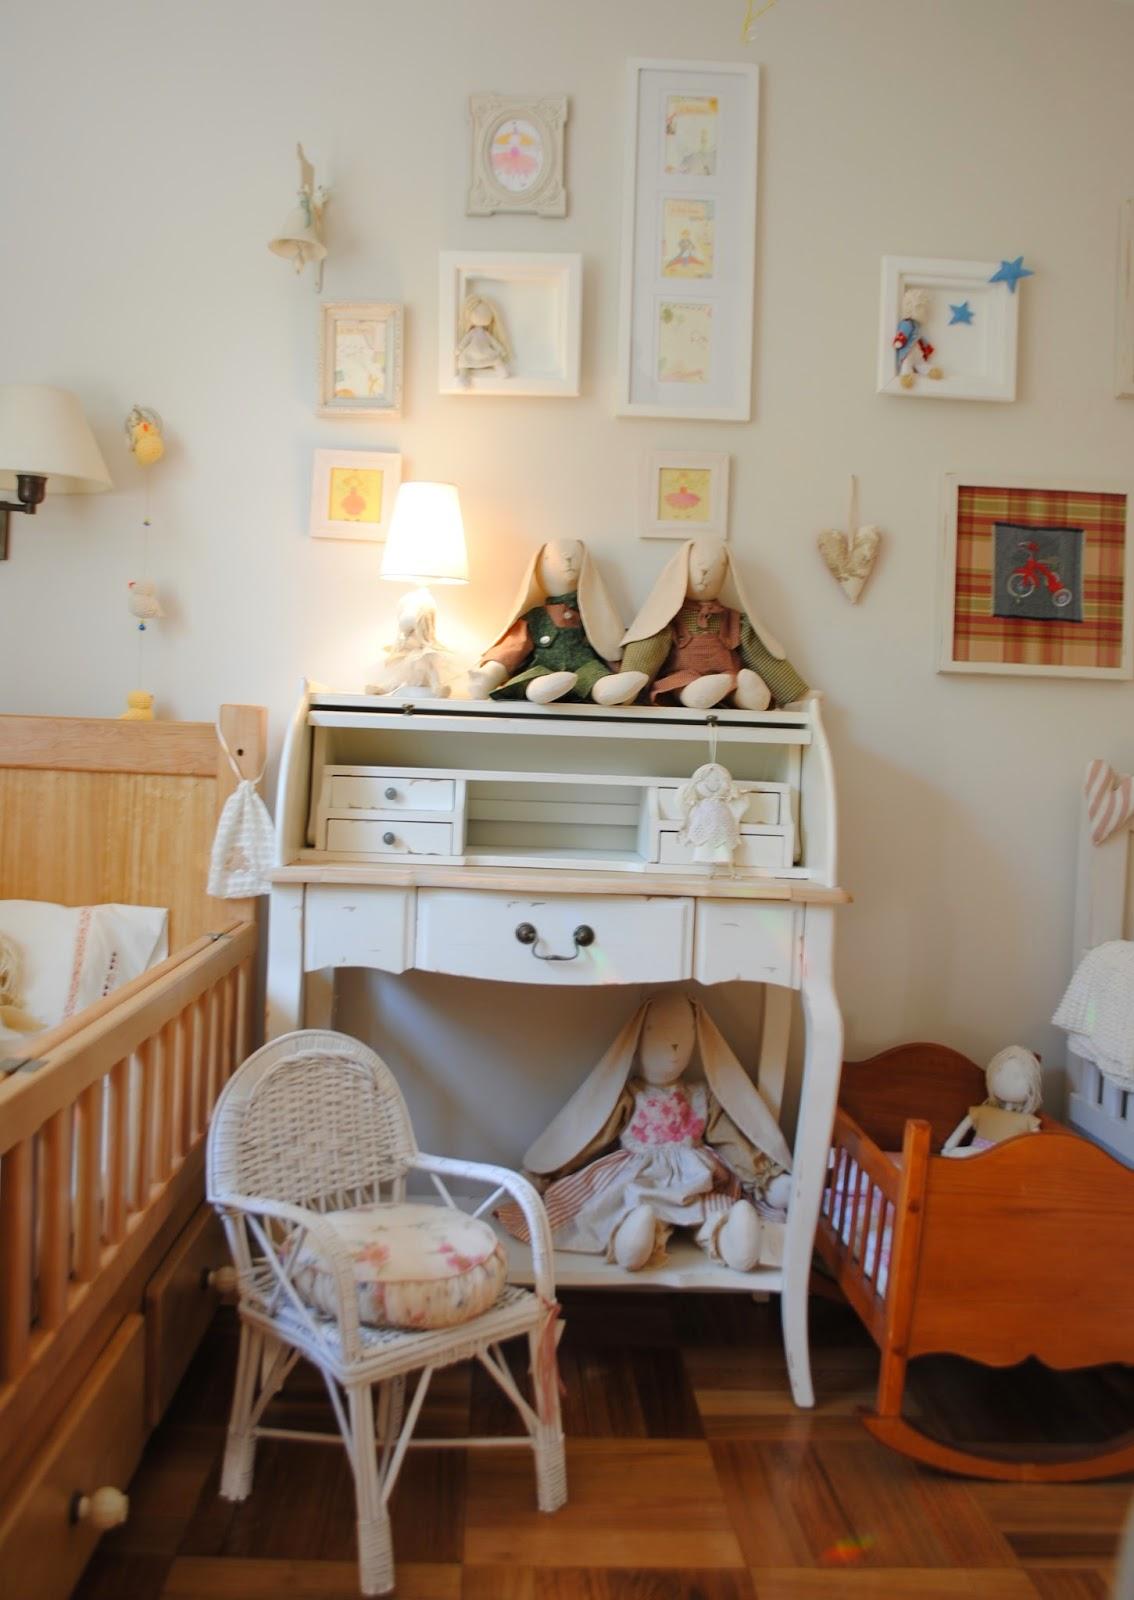 Paz montealegre decoraci n muebles normando y provenzal - Muebles de estilo provenzal ...